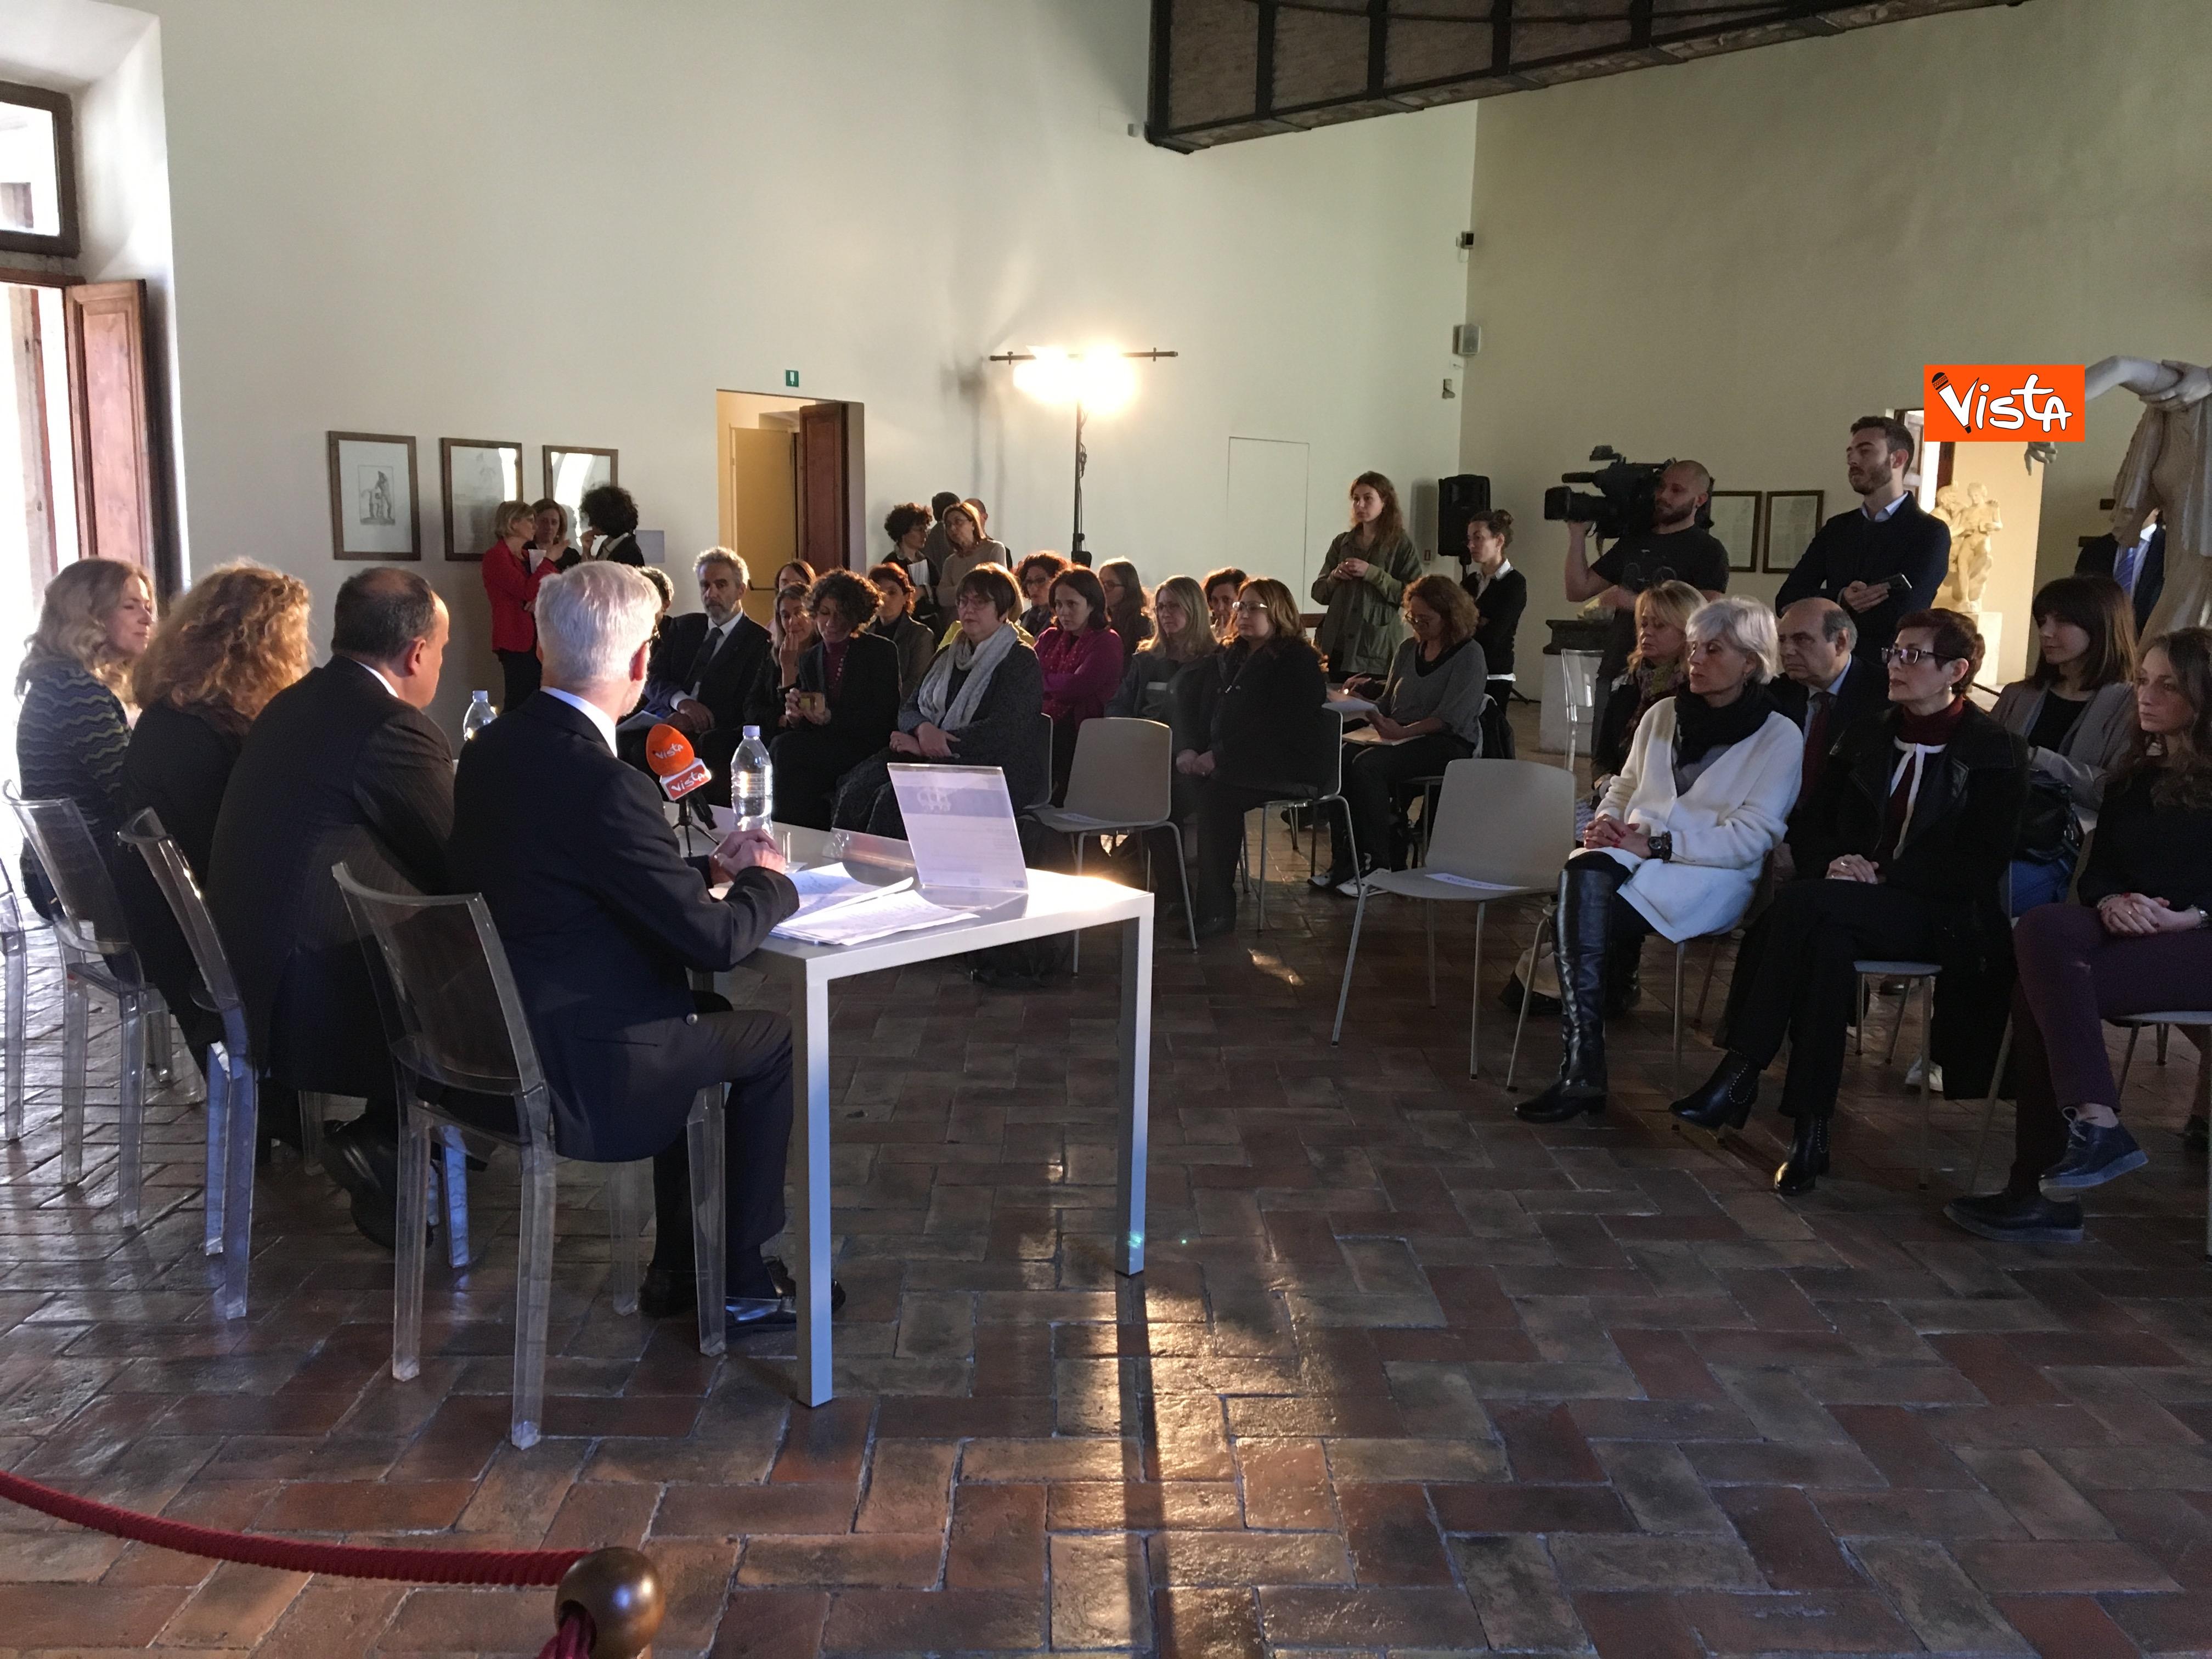 16-05-19 Museo per tutti la presentazione del progetto con Bonisoli a Palazzo Altemps_05